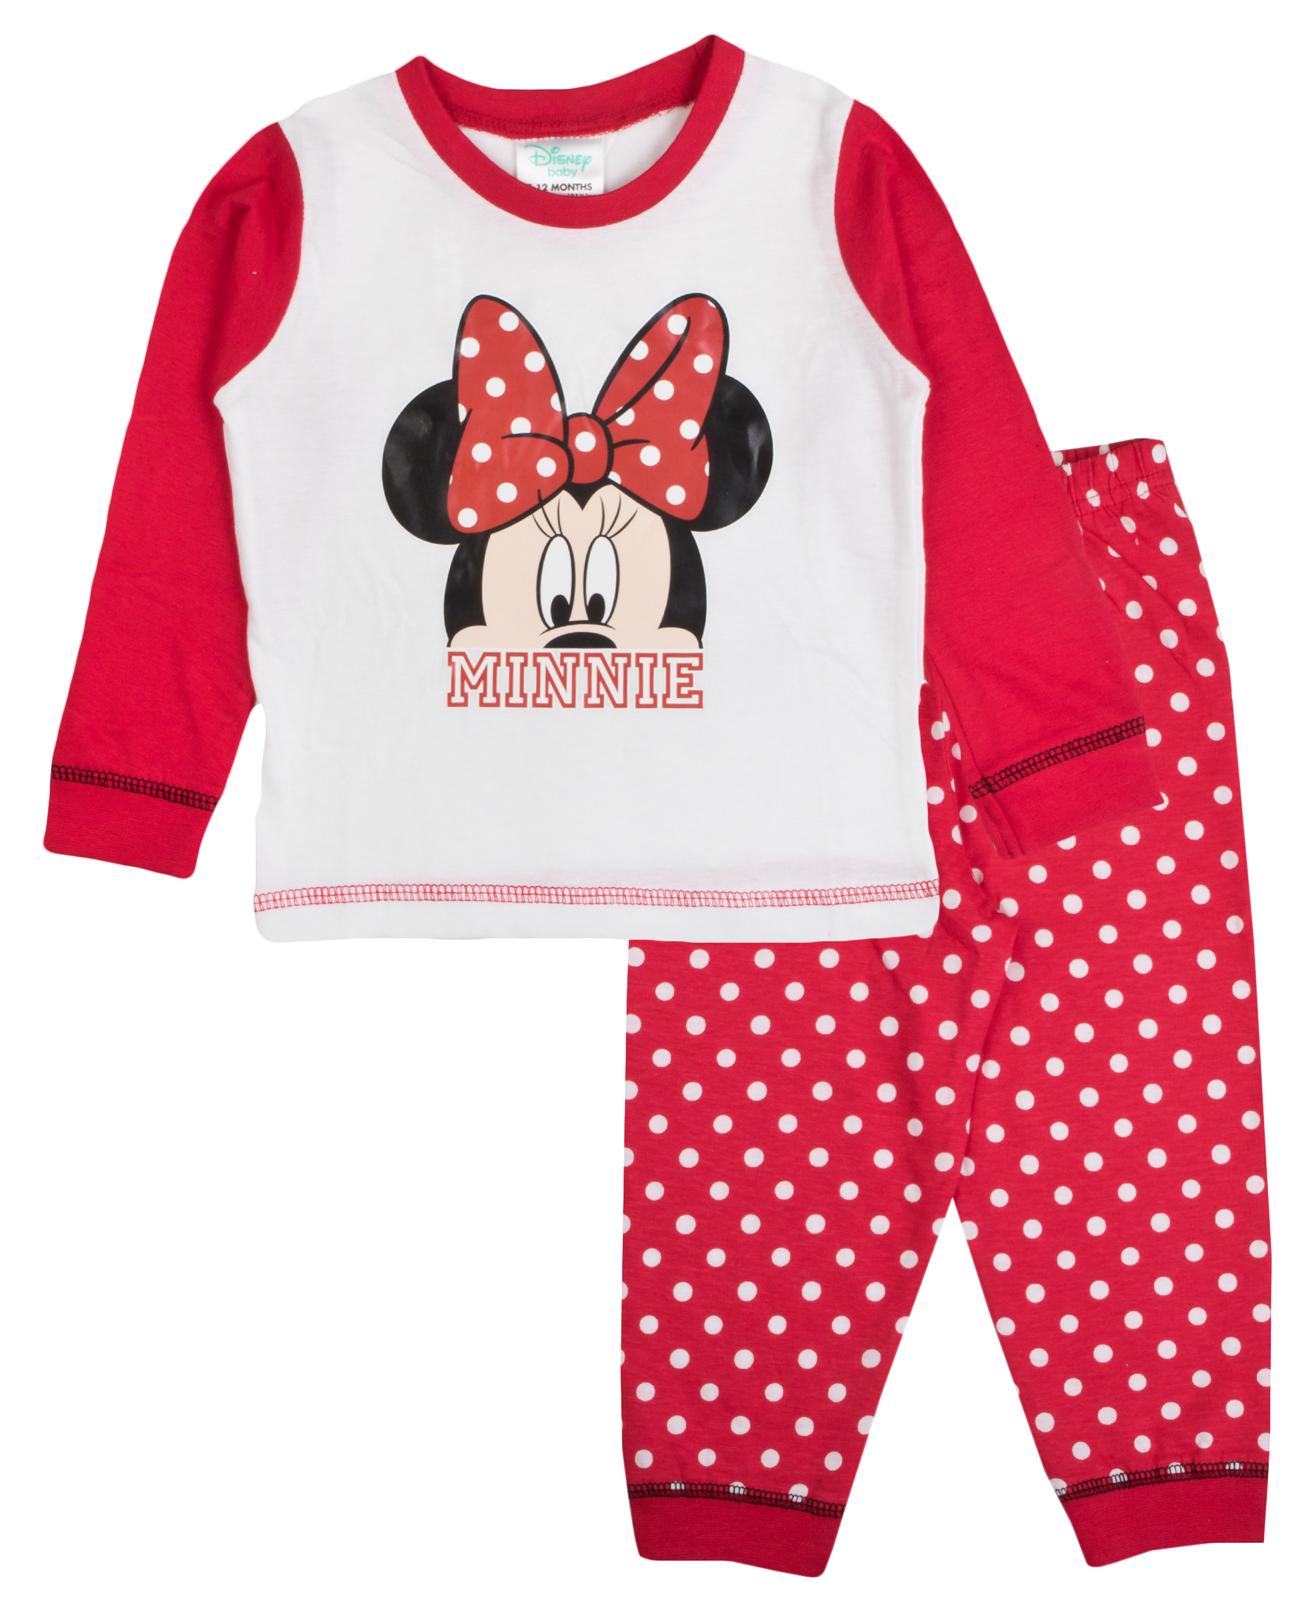 Baby Boys Girls Pyjamas Toddlers Disney Mickey Minnie Mouse Pjs Size